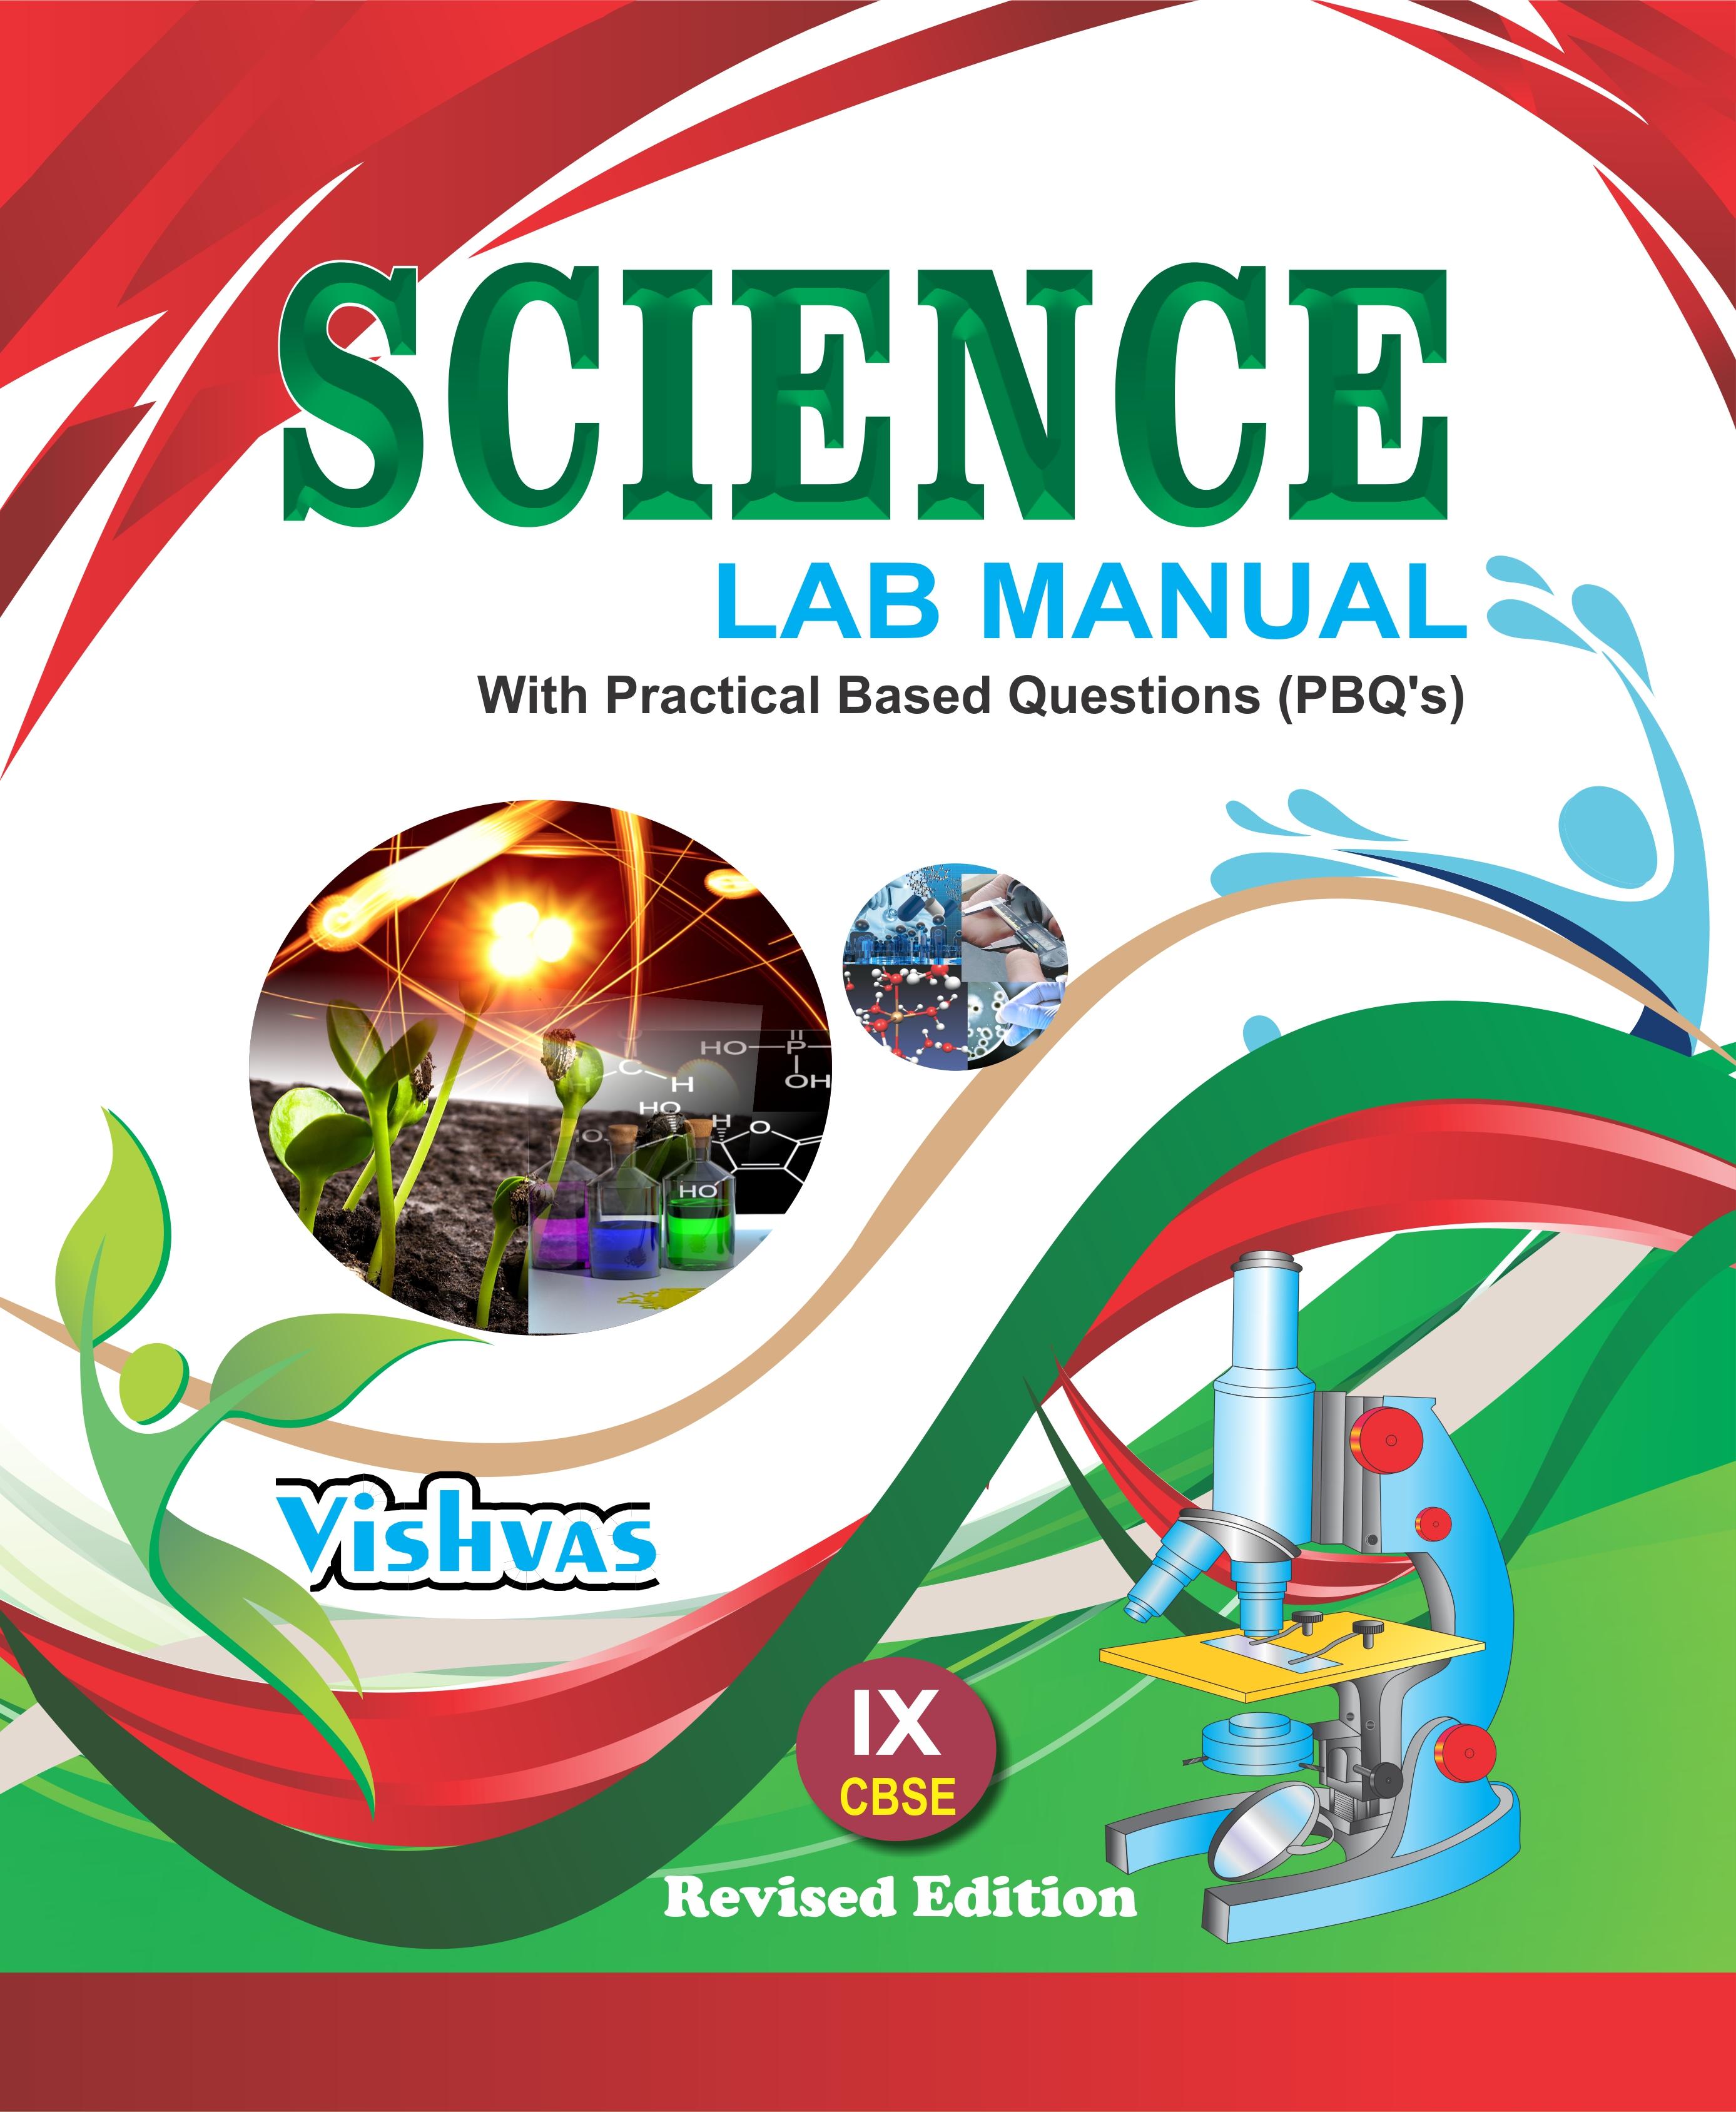 view Scientific Imaging